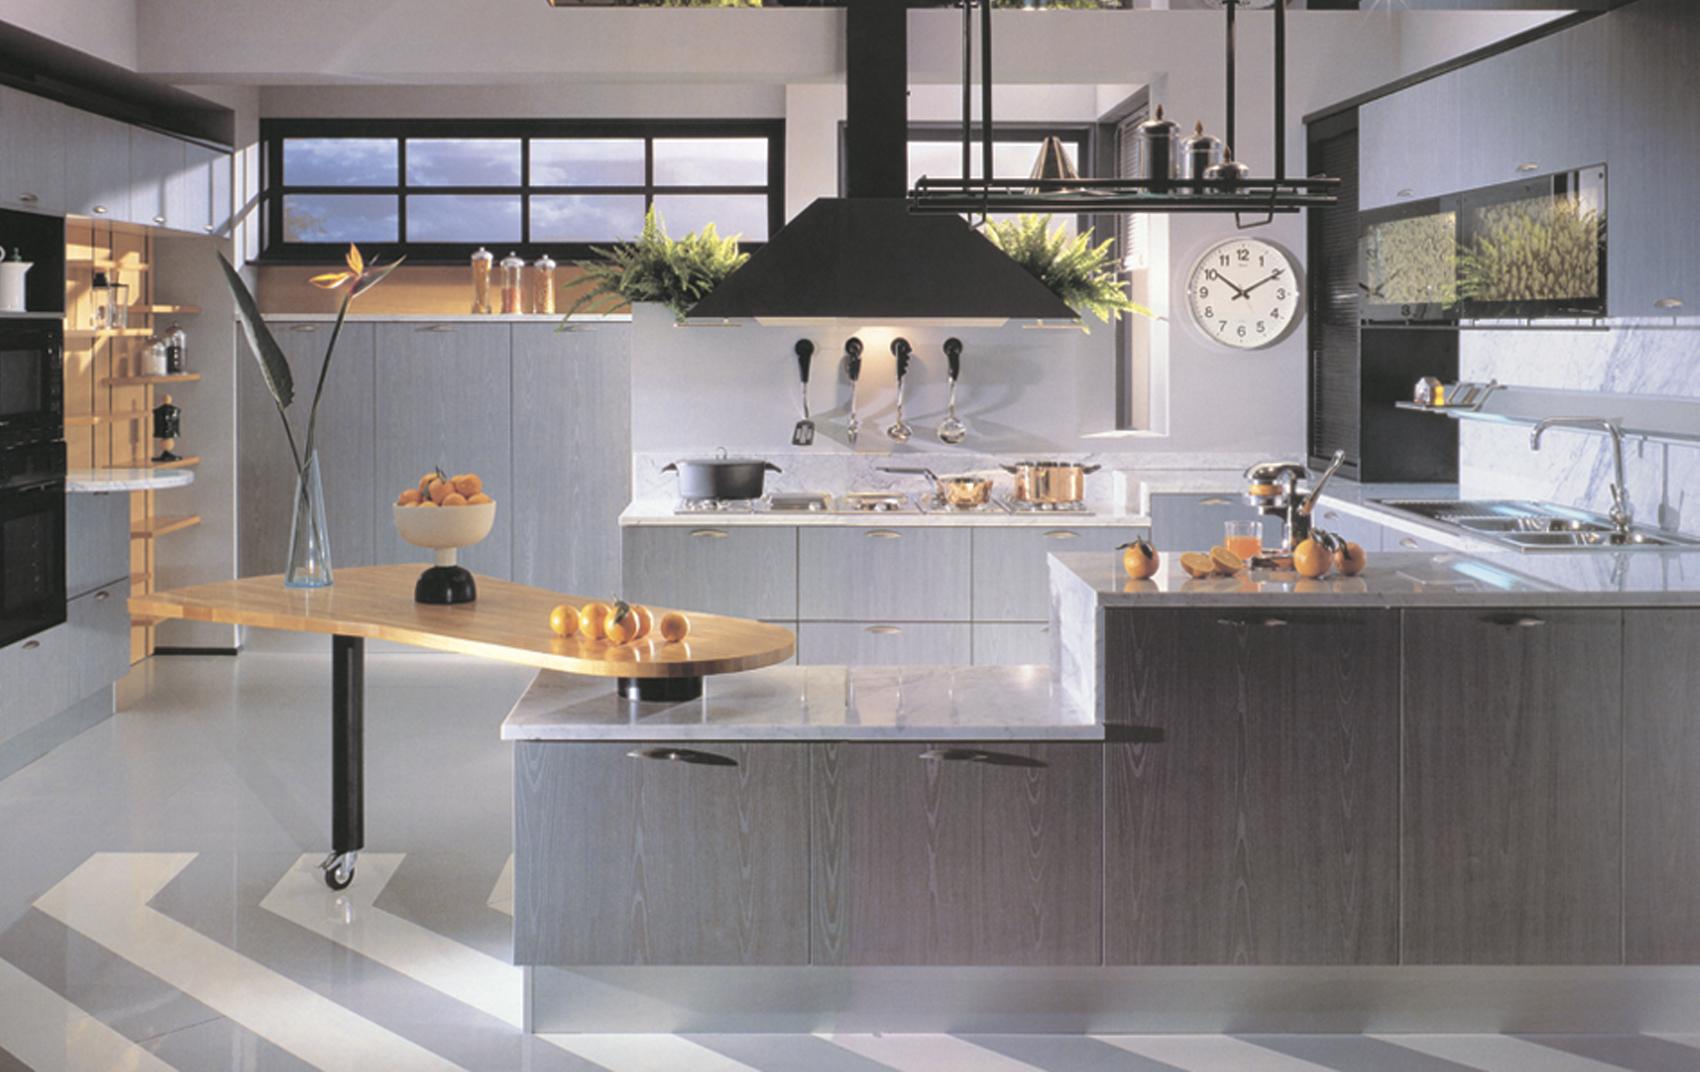 cocinas y banios_1.jpg